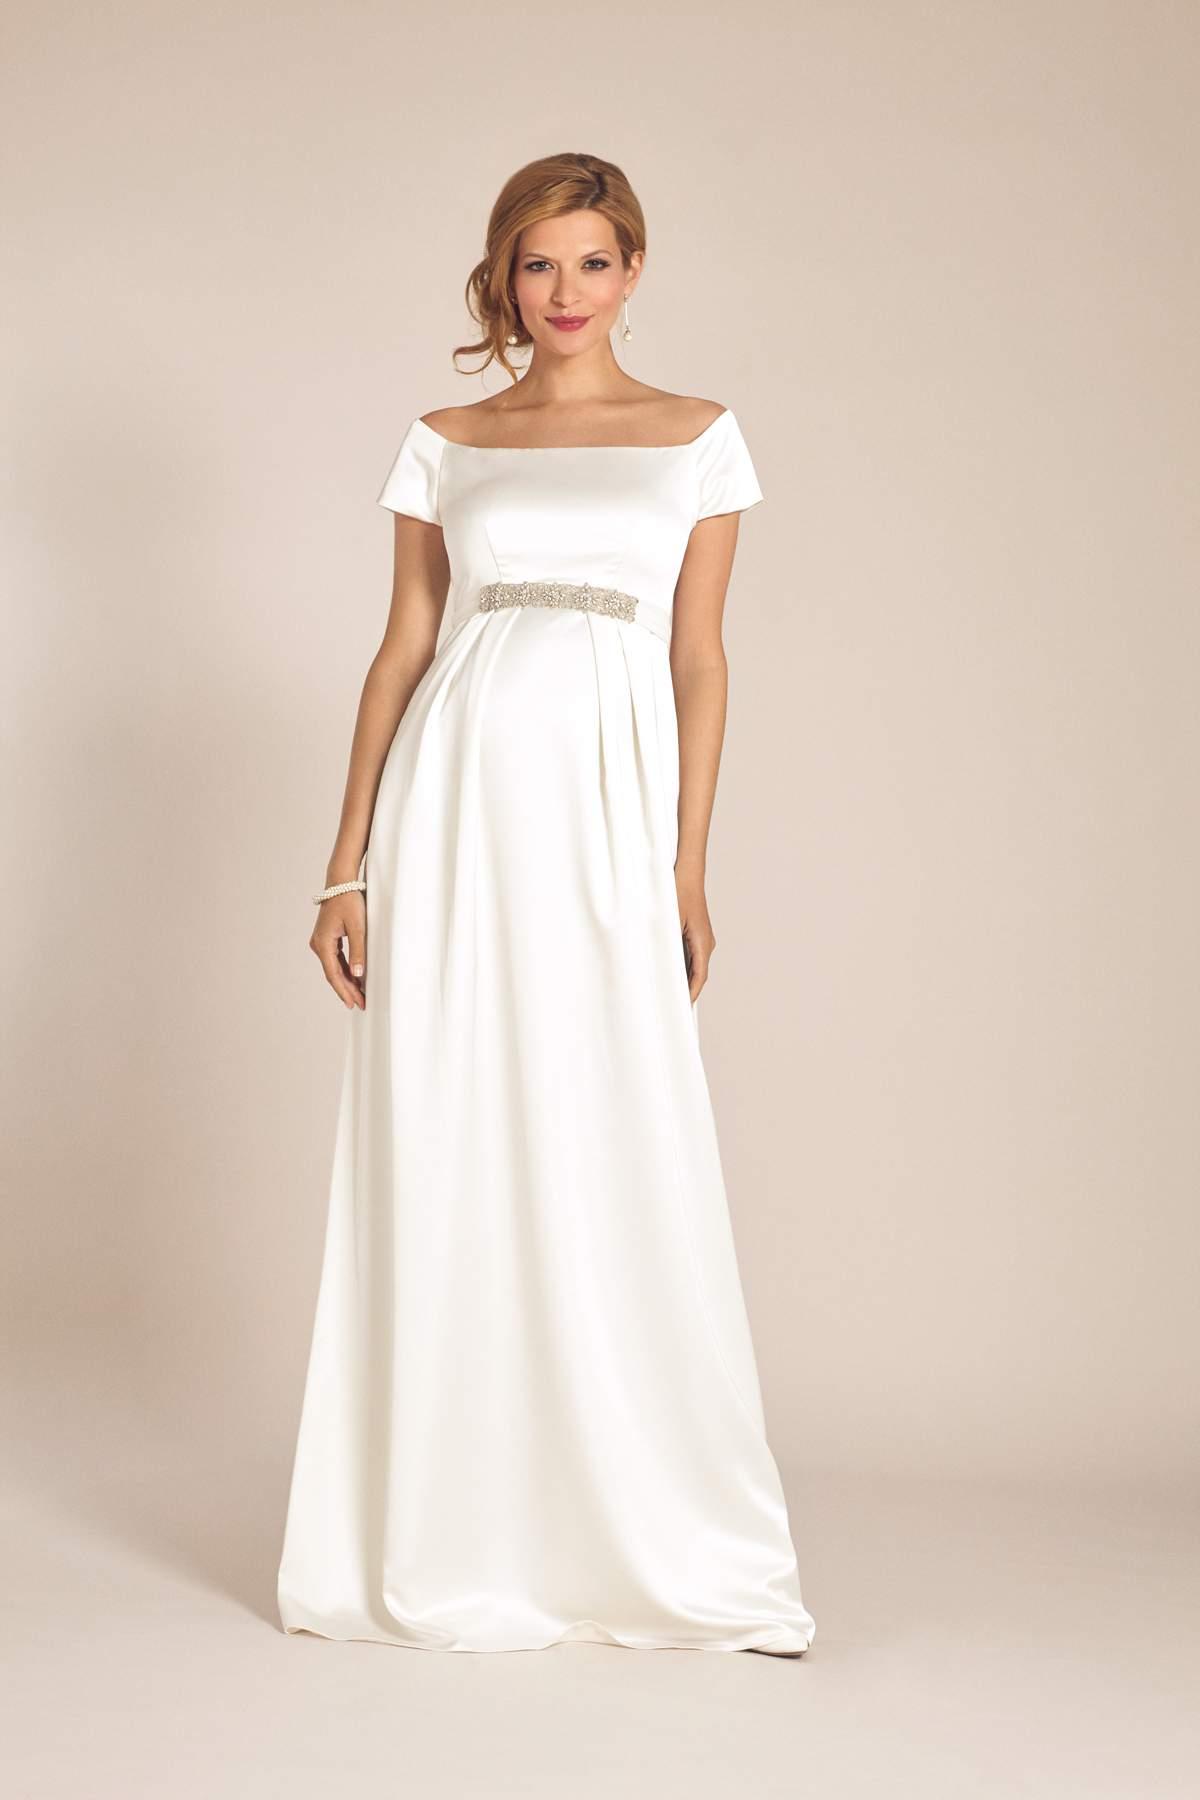 ARIGI-S2-Aria-Gown-Ivory